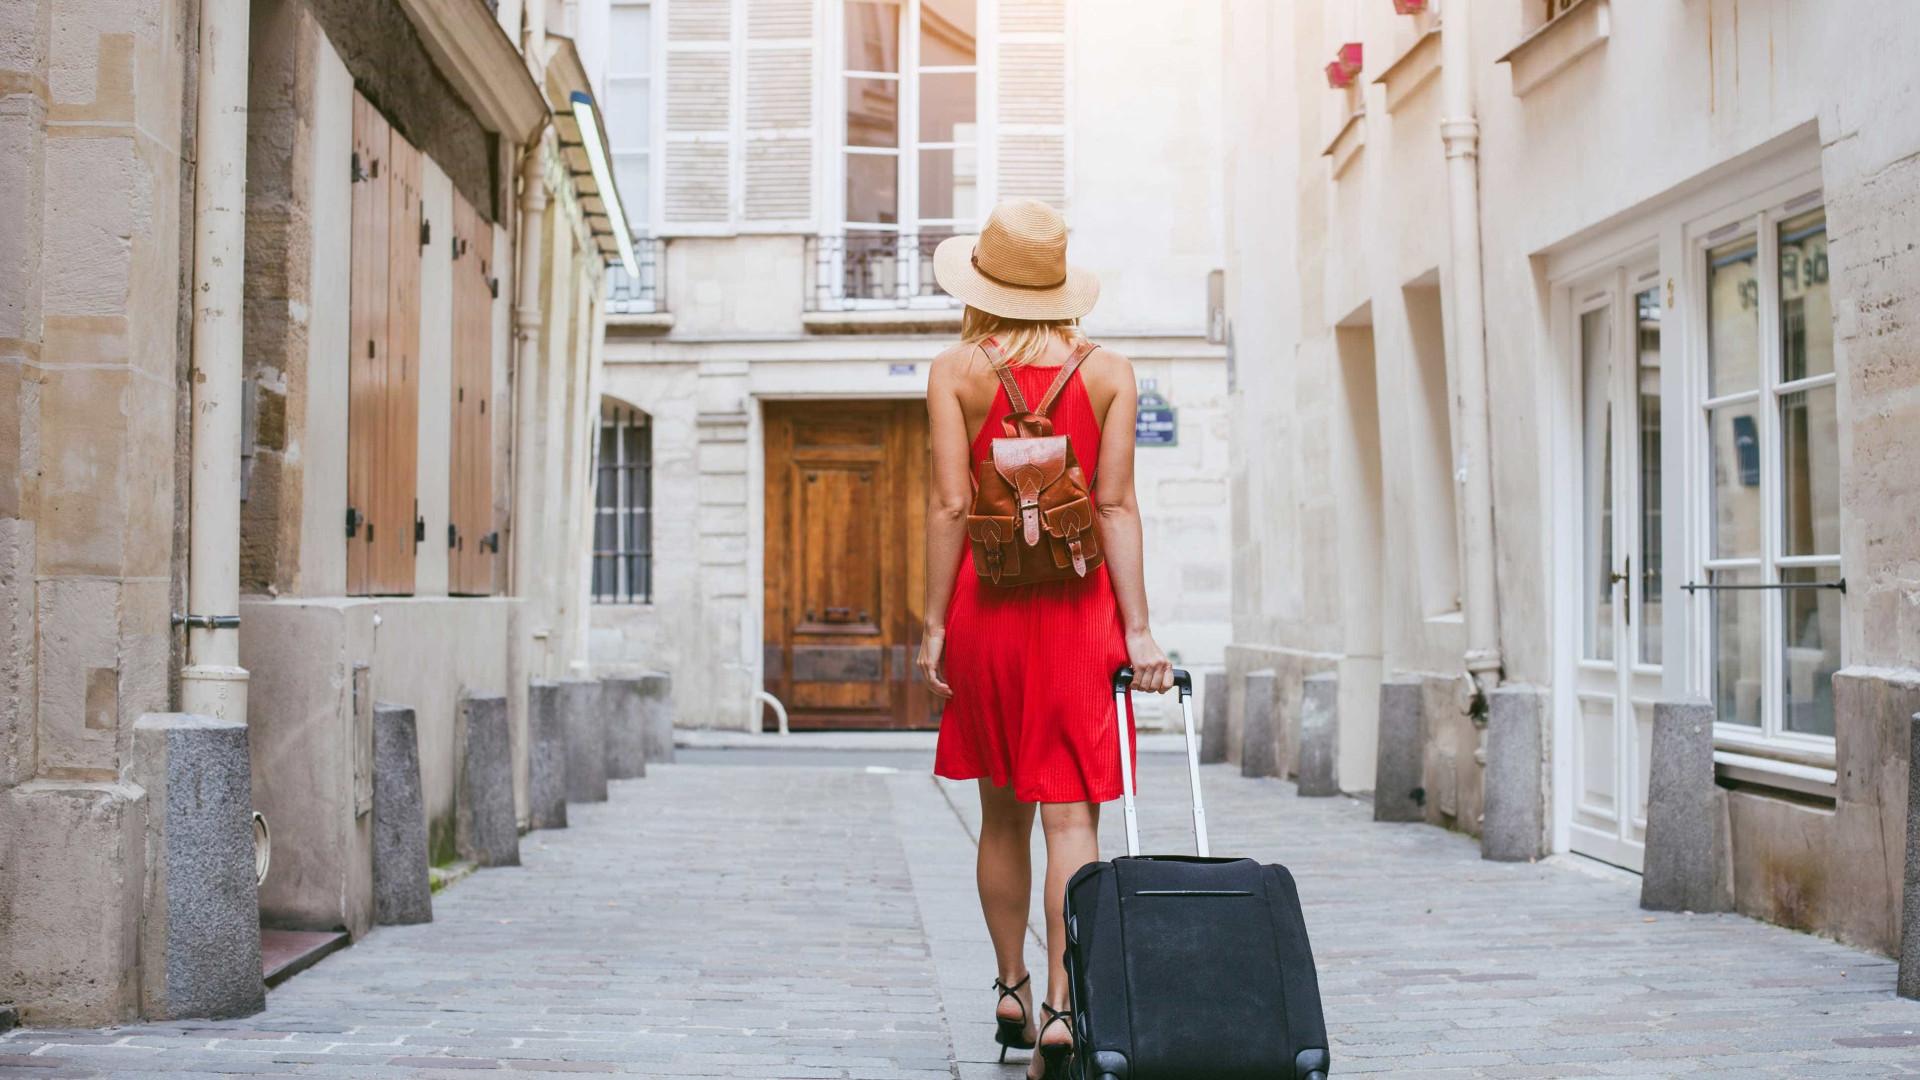 Turismo do Porto e Norte de Portugal com lucro de 1,12 milhões